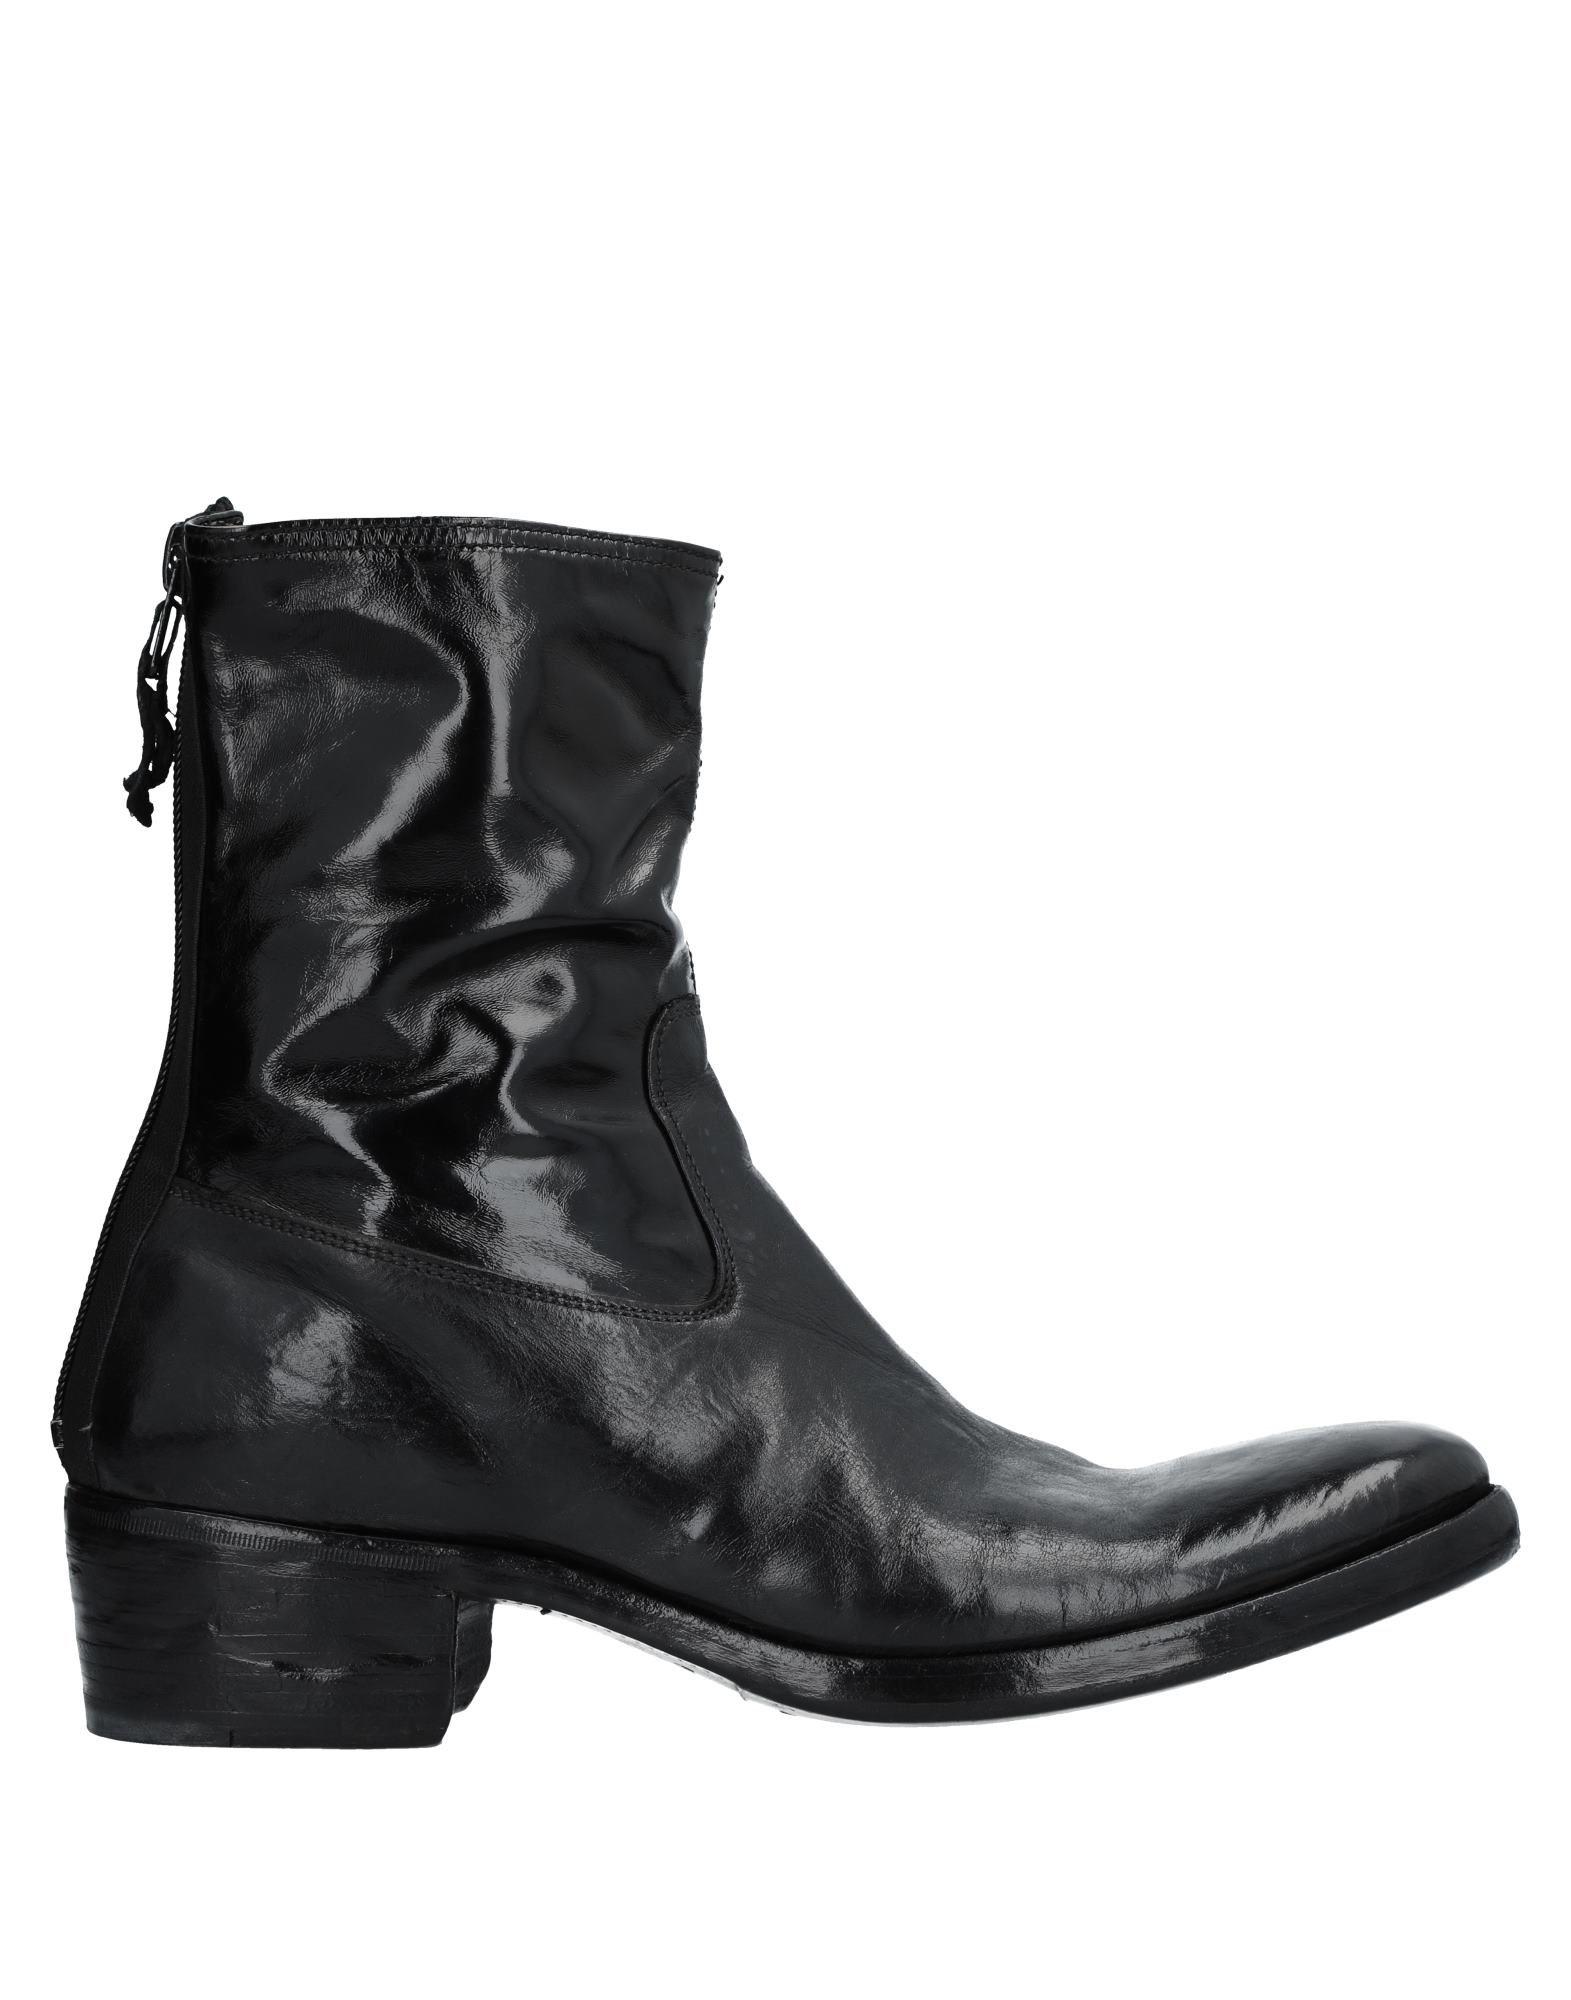 Premiata Stiefelette Herren  11530586WL Gute Qualität beliebte Schuhe